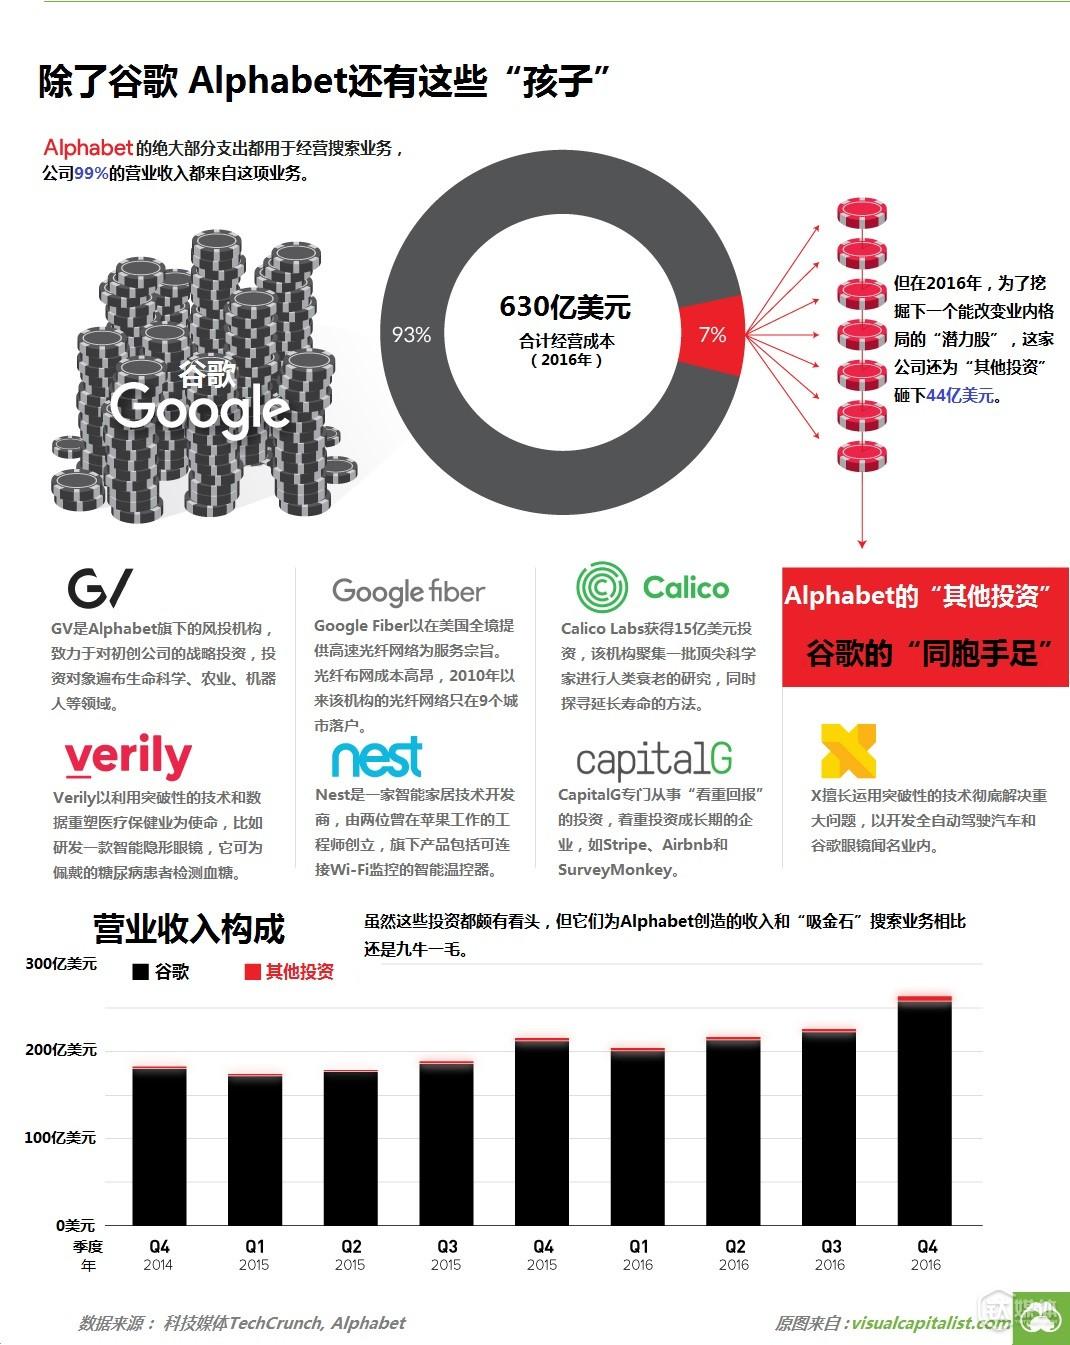 2016年谷歌母公司Alphabet营收情况